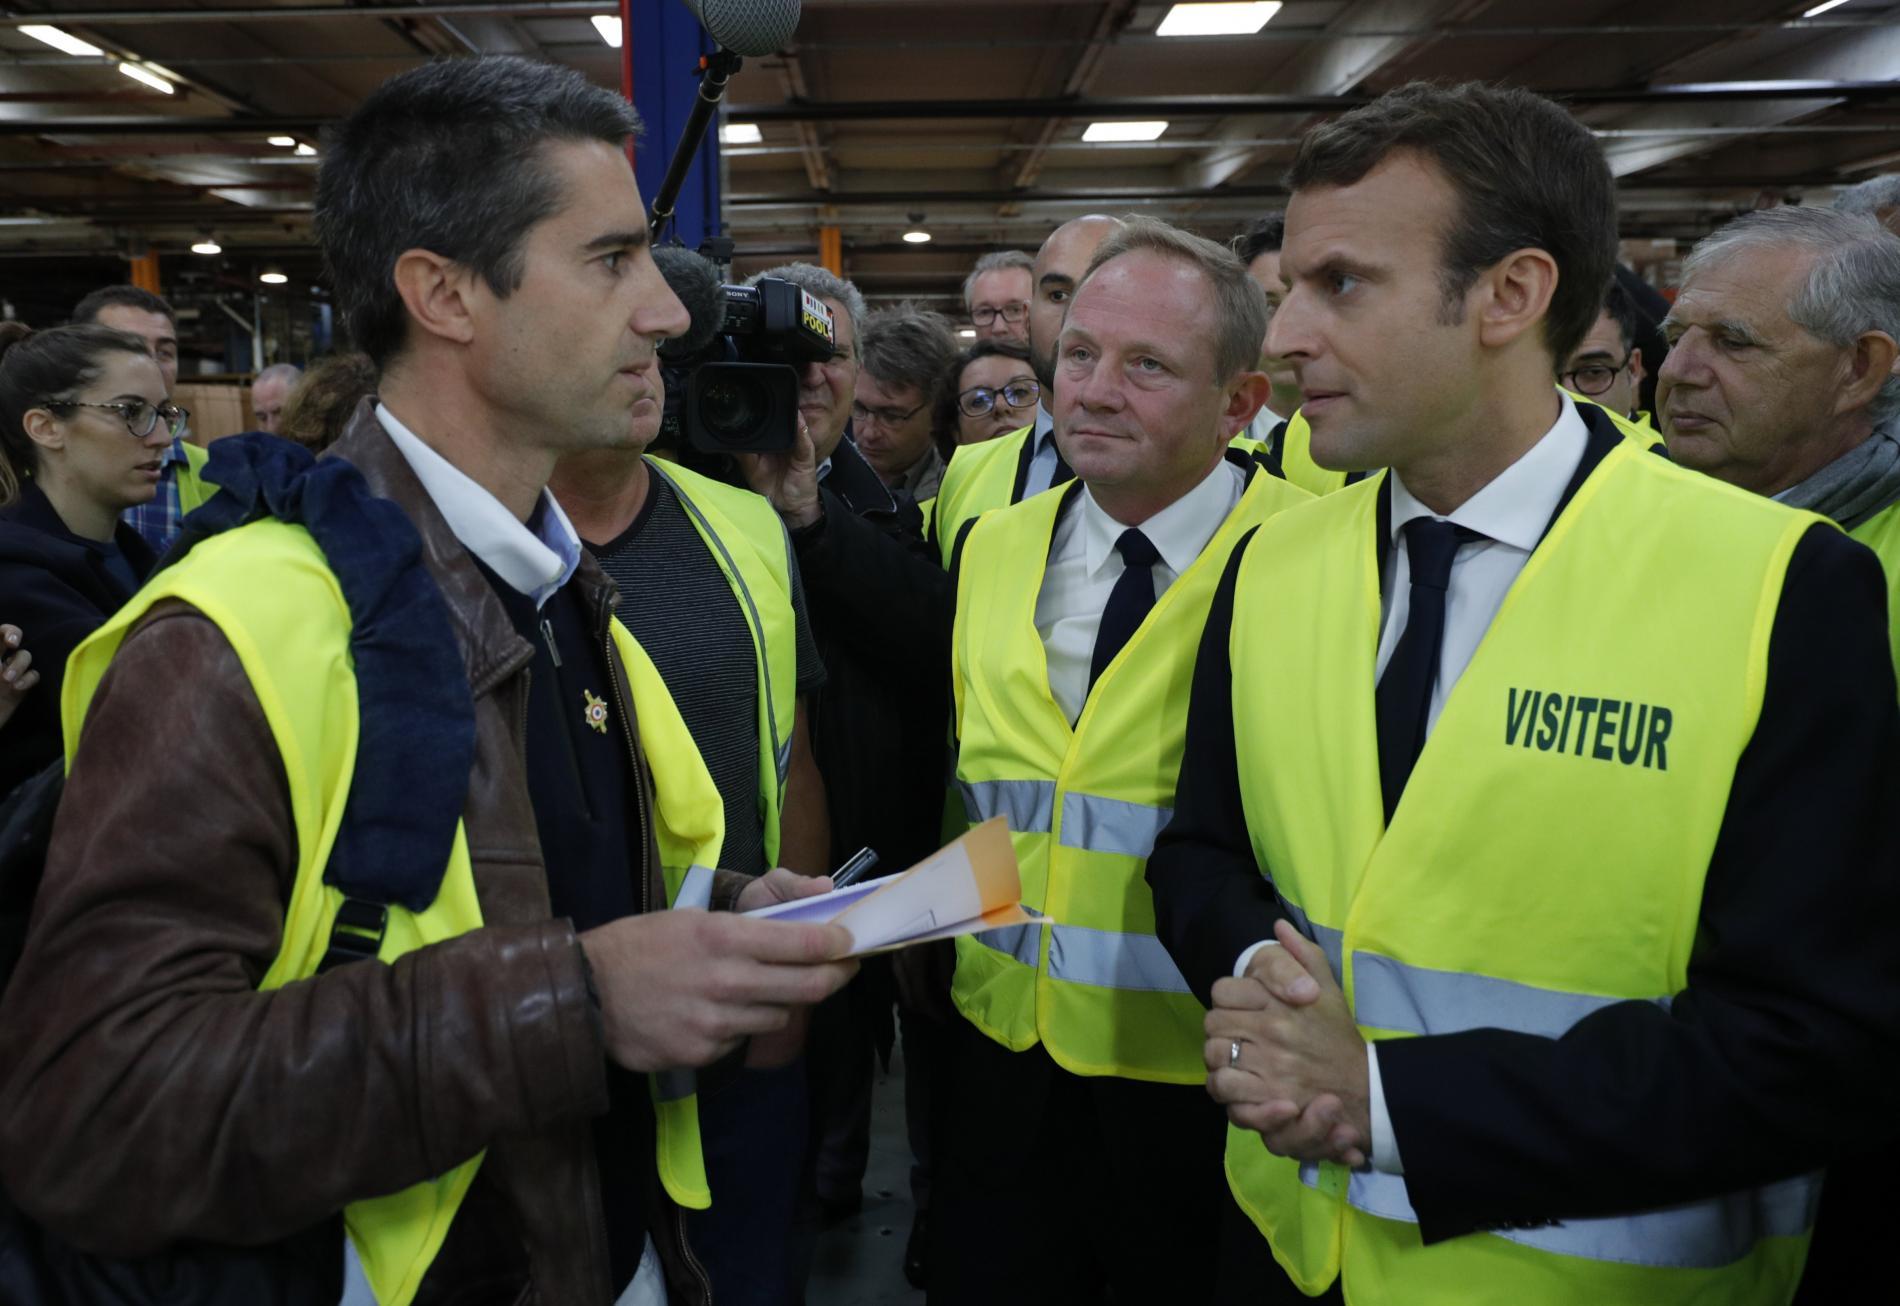 Le président de la République, Emmanuel Macron, en visite sur le site de l\'usine Whirlpool d\'Amiens (Somme) avec François Ruffin, le 3 octobre 2017.